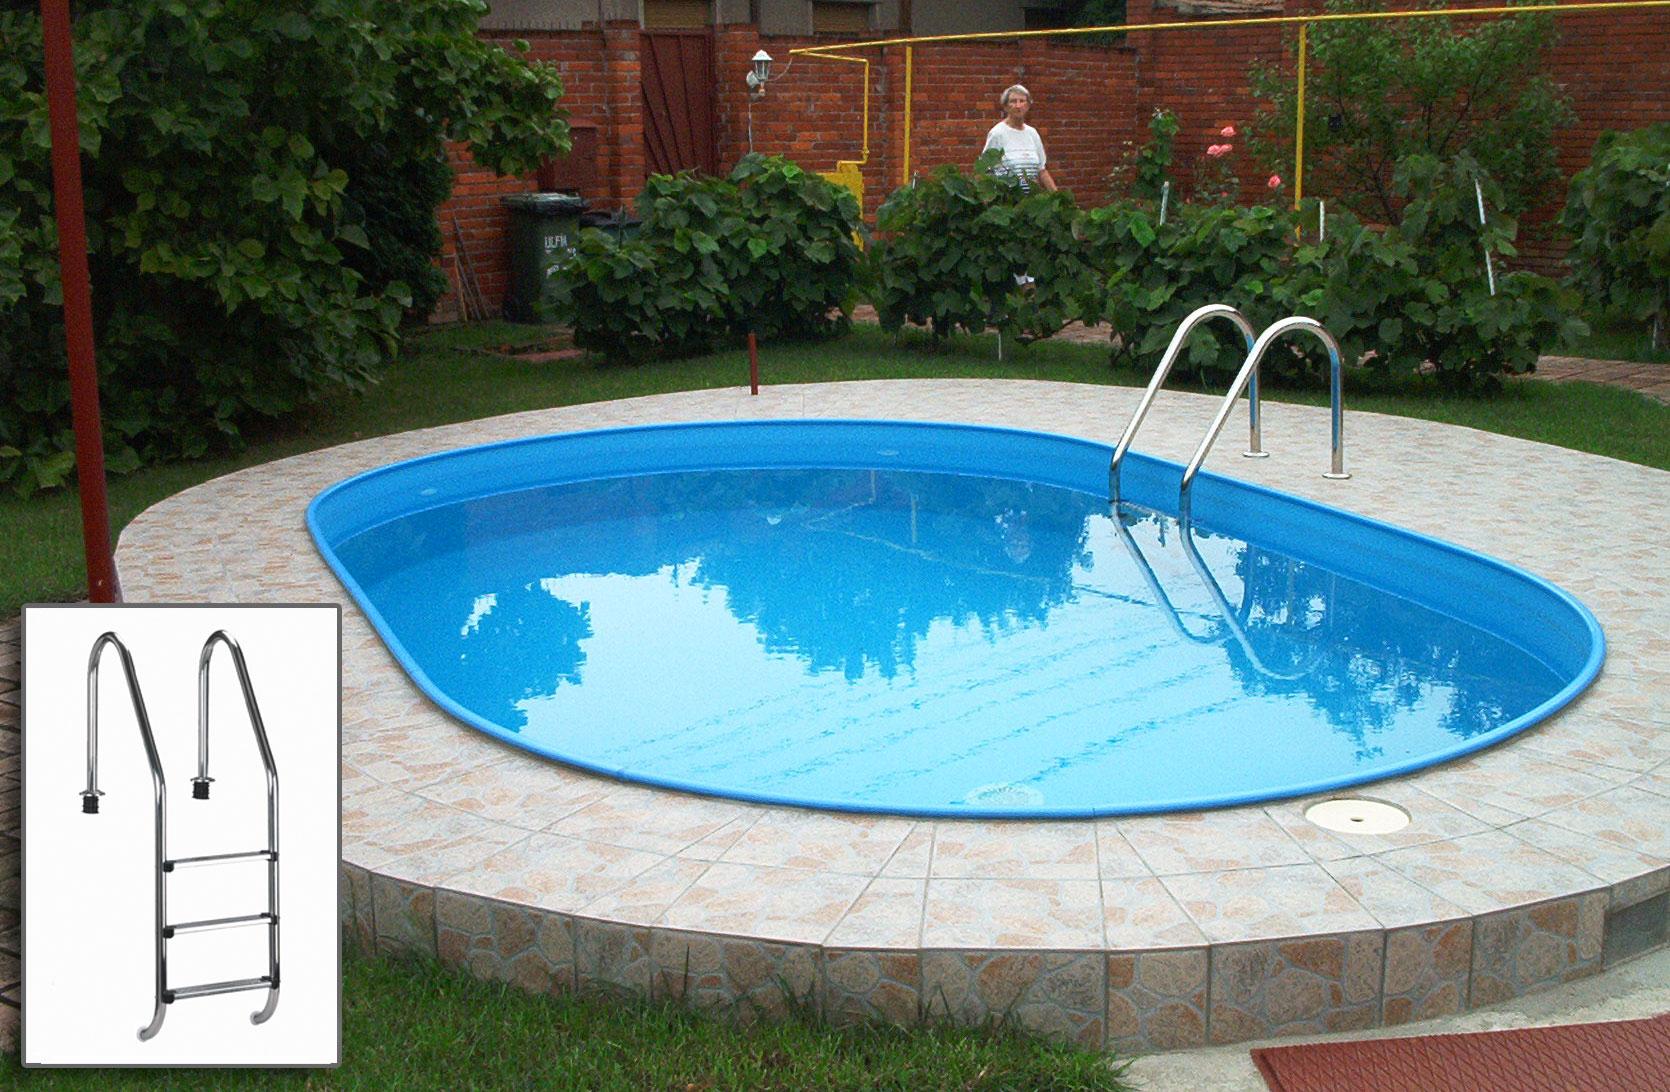 pool schwimmbecken premium oval set mit sandfilter 6x3 20x1 20m bei. Black Bedroom Furniture Sets. Home Design Ideas